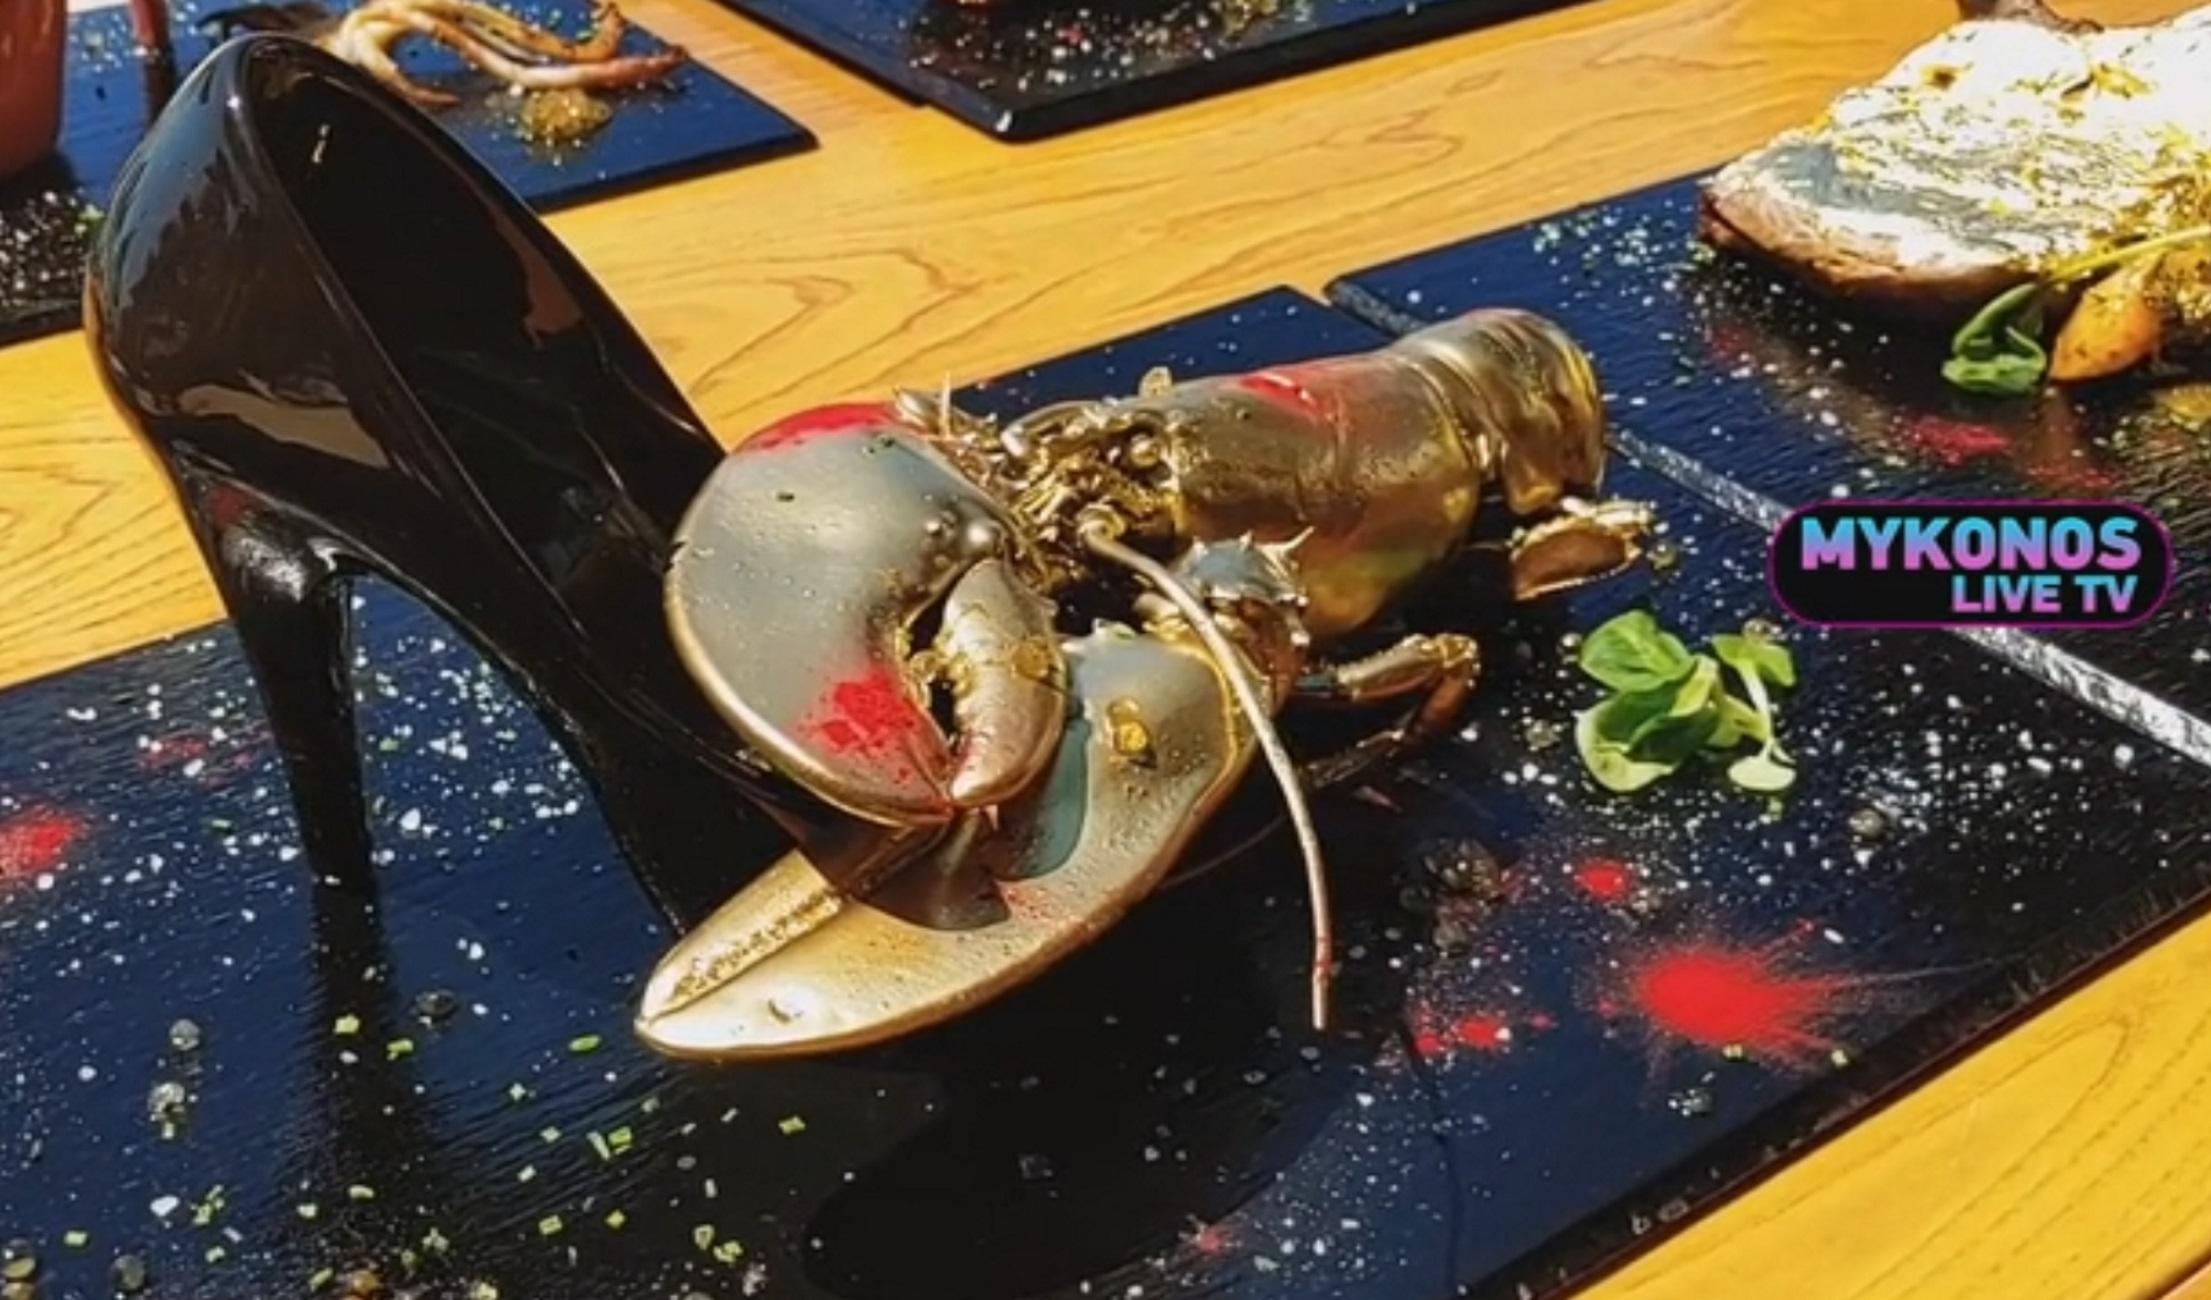 Μύκονος: Το πιο ακριβό πιάτο του φετινού καλοκαιριού! Δωδεκάποντη γόβα, φύλλα χρυσού και λογαριασμός που ζαλίζει